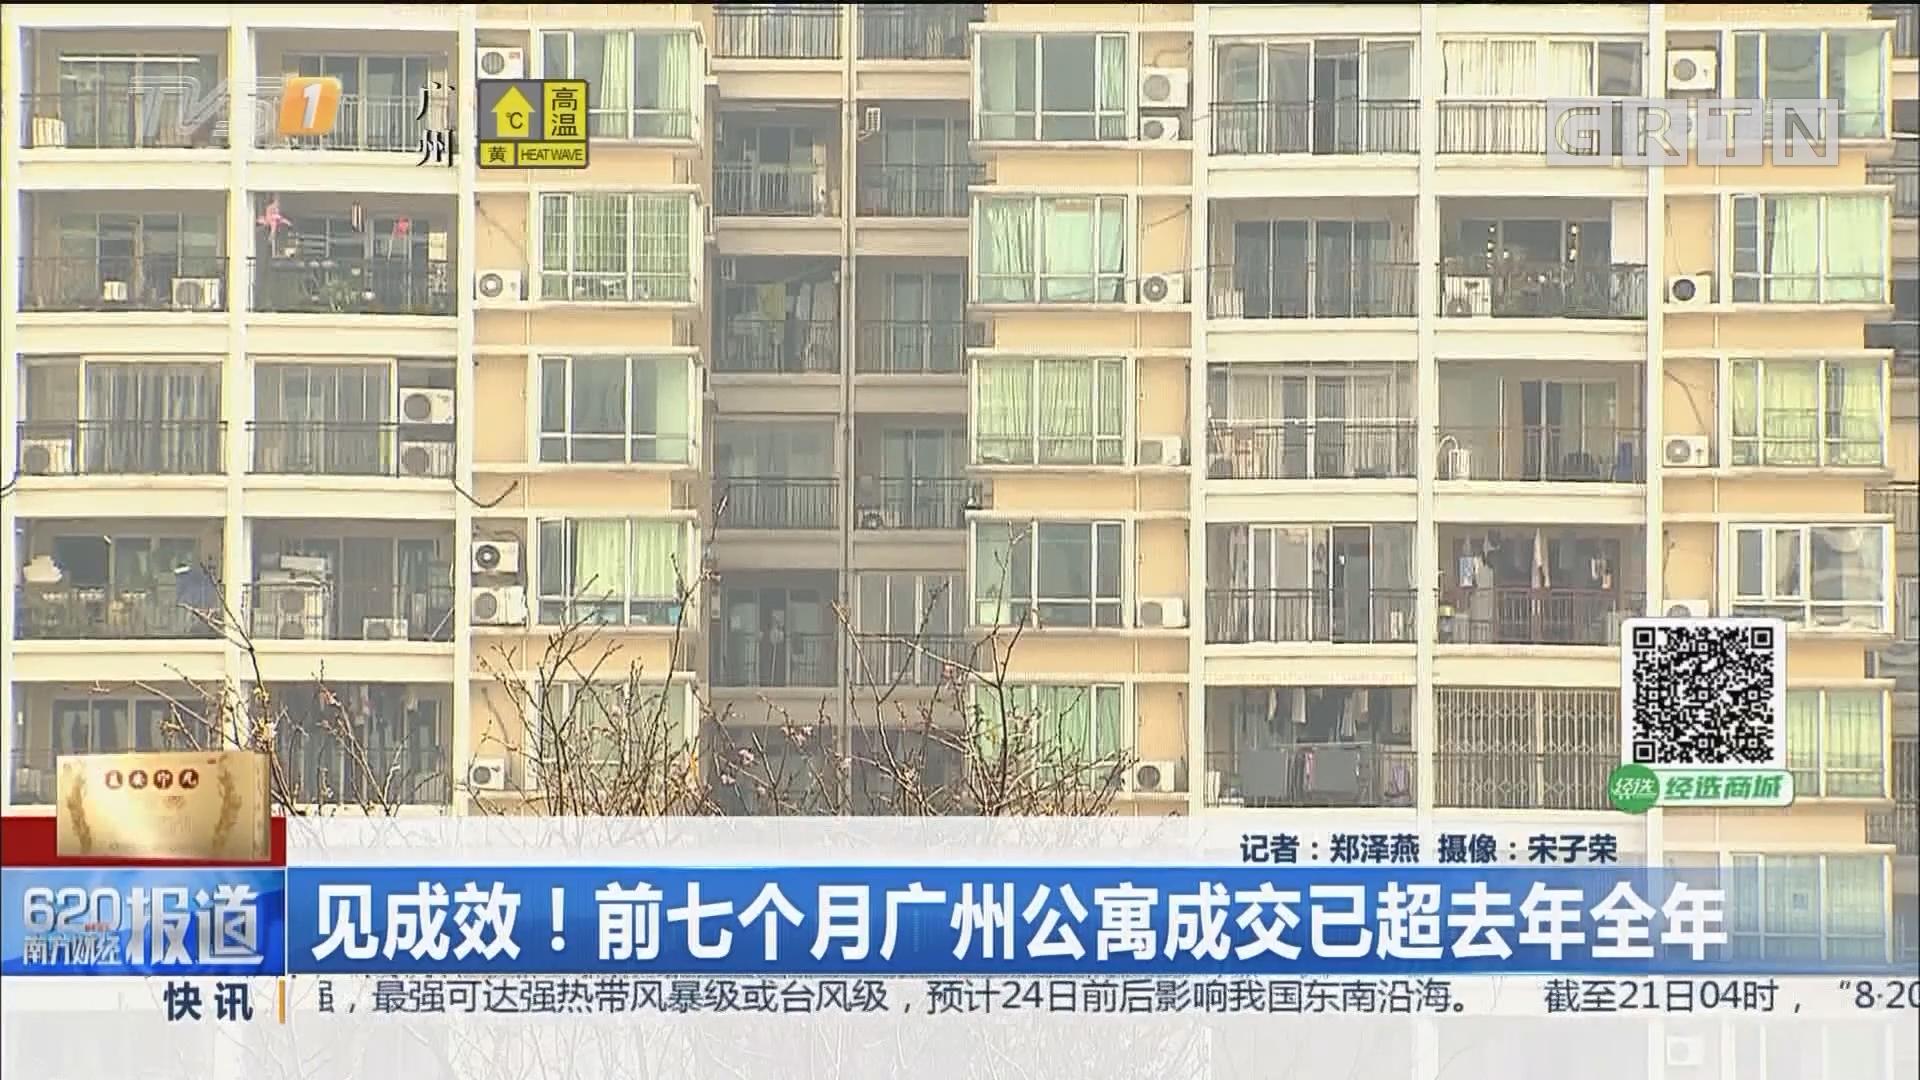 见成效!前七个月广州公寓成交已超去年全年